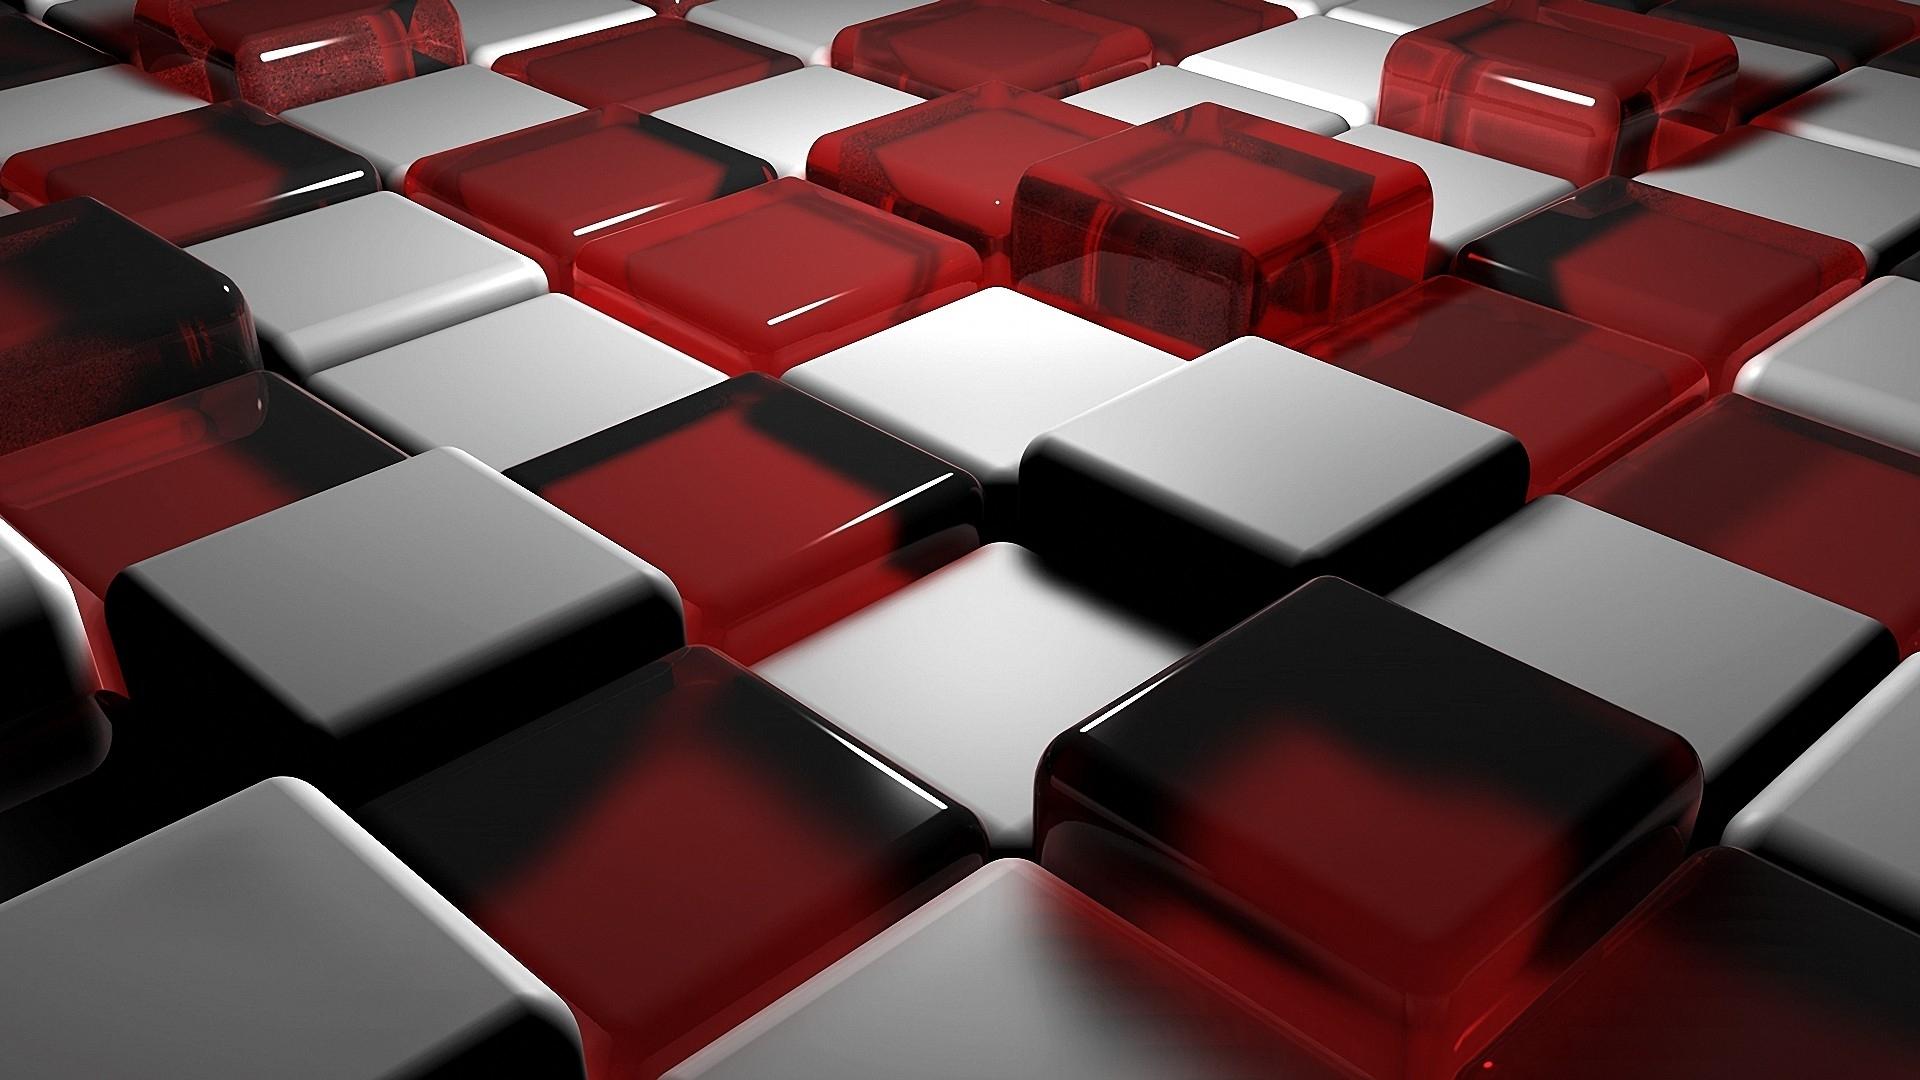 Кубики  № 2315731  скачать